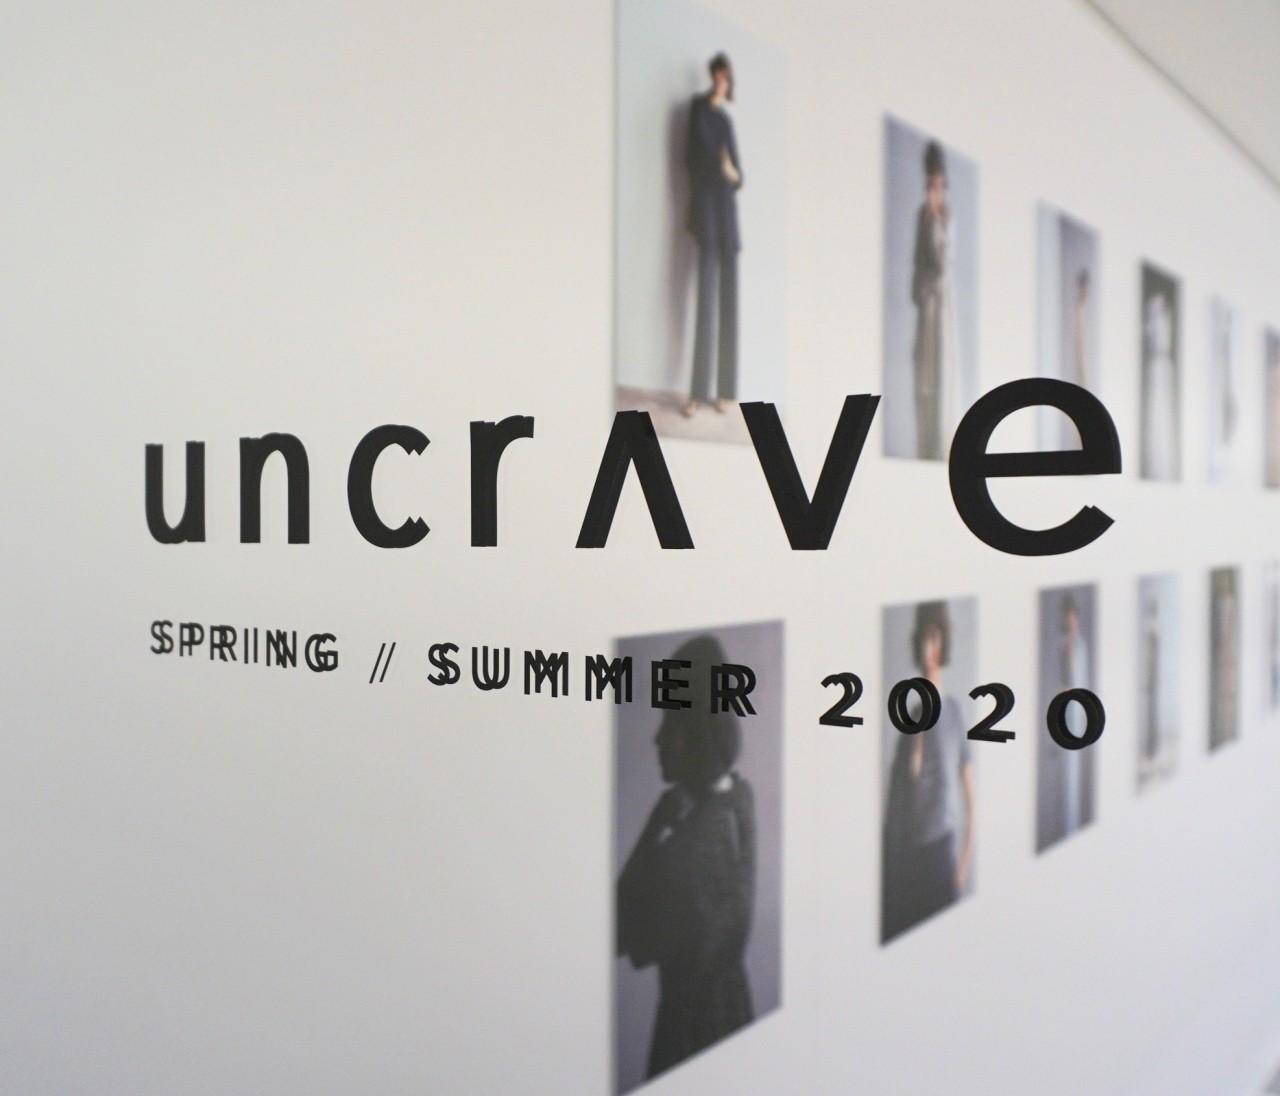 時短おしゃれコーデがかなうEC限定通勤服ブランドデビュー【アンクレイヴ(uncrave)】2020春夏新作徹底解剖